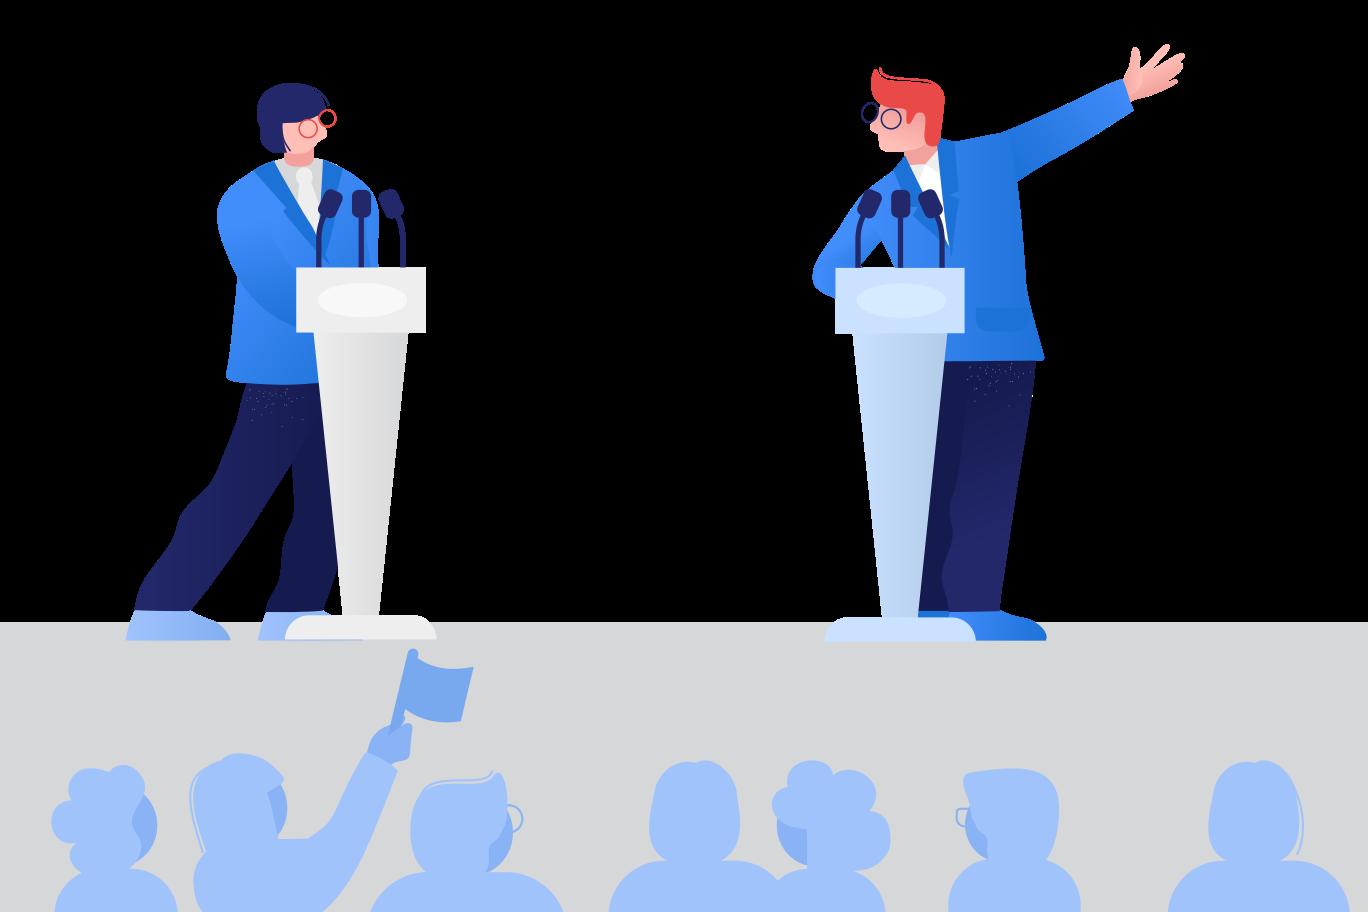 Political debates Clipart illustration in PNG, SVG